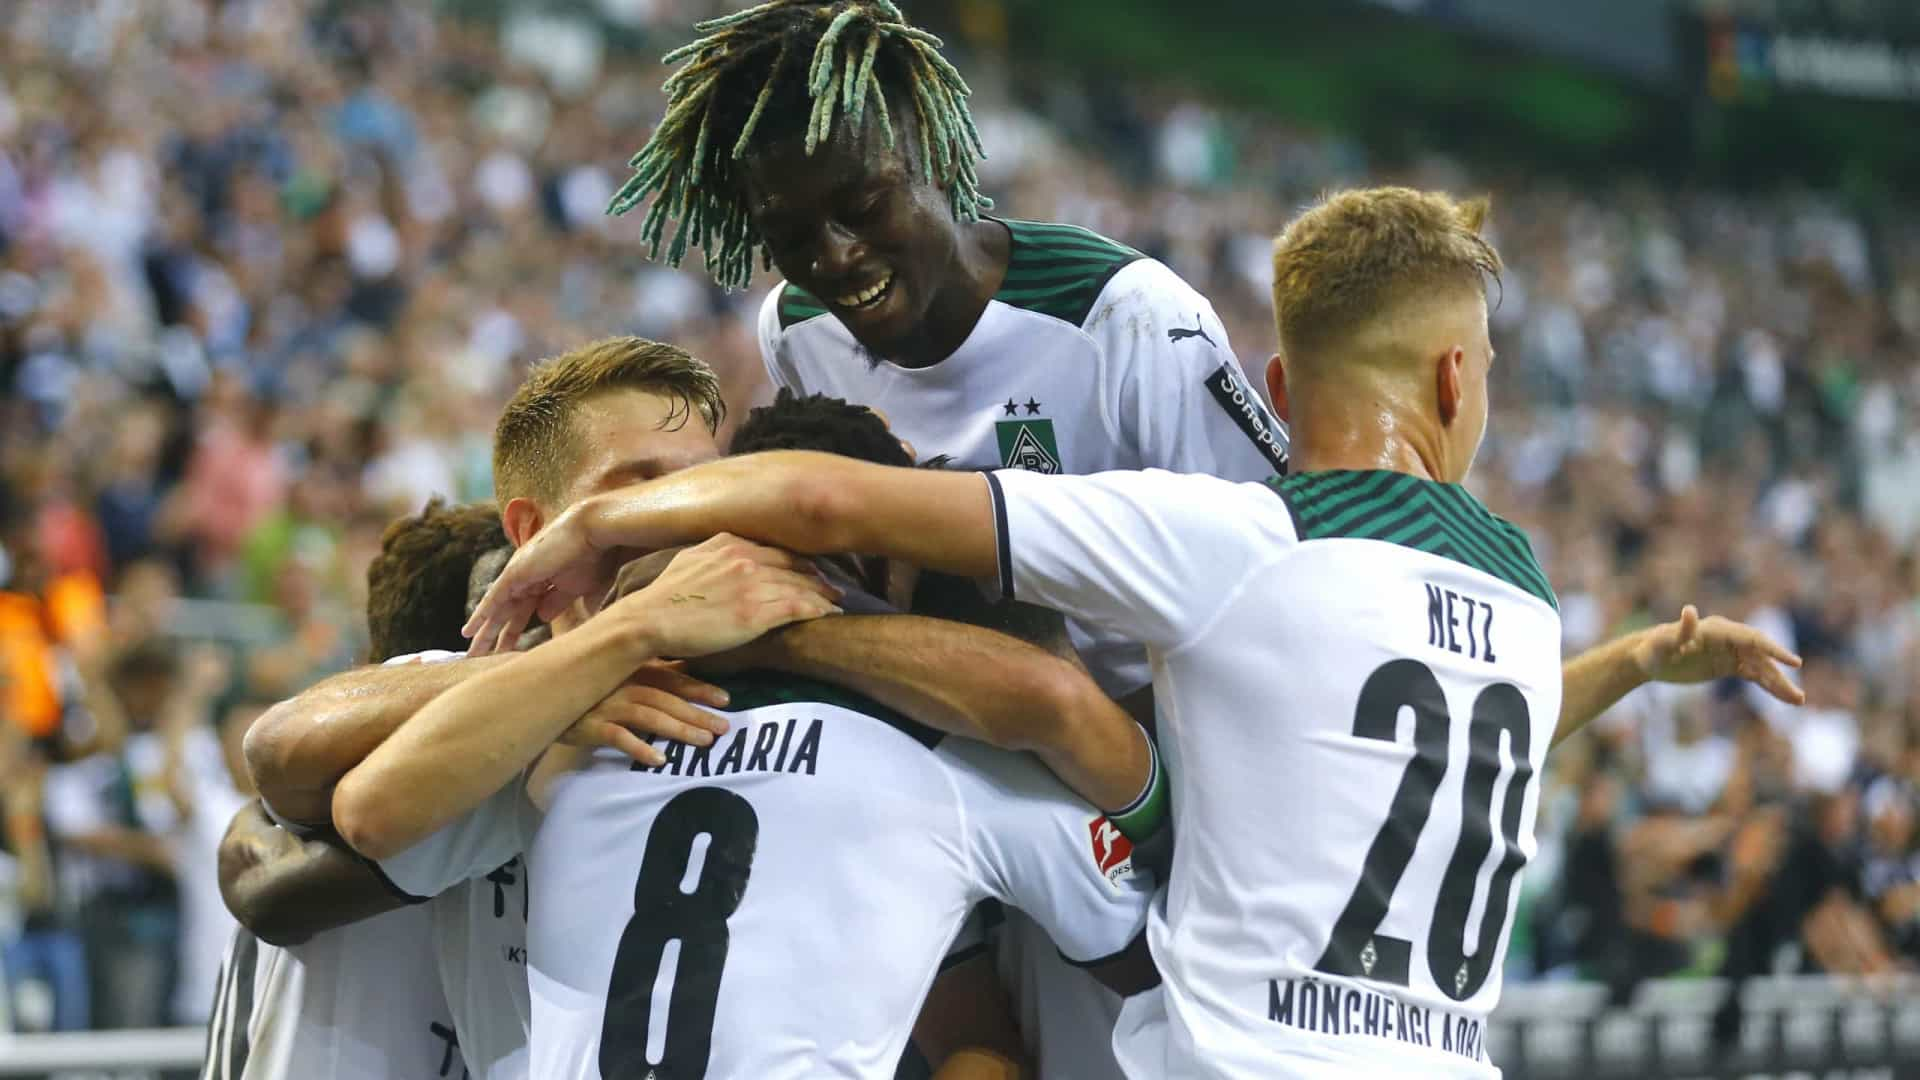 Atenção, Sporting: Dortmund perde na Bundesliga e toca a sirene Haaland